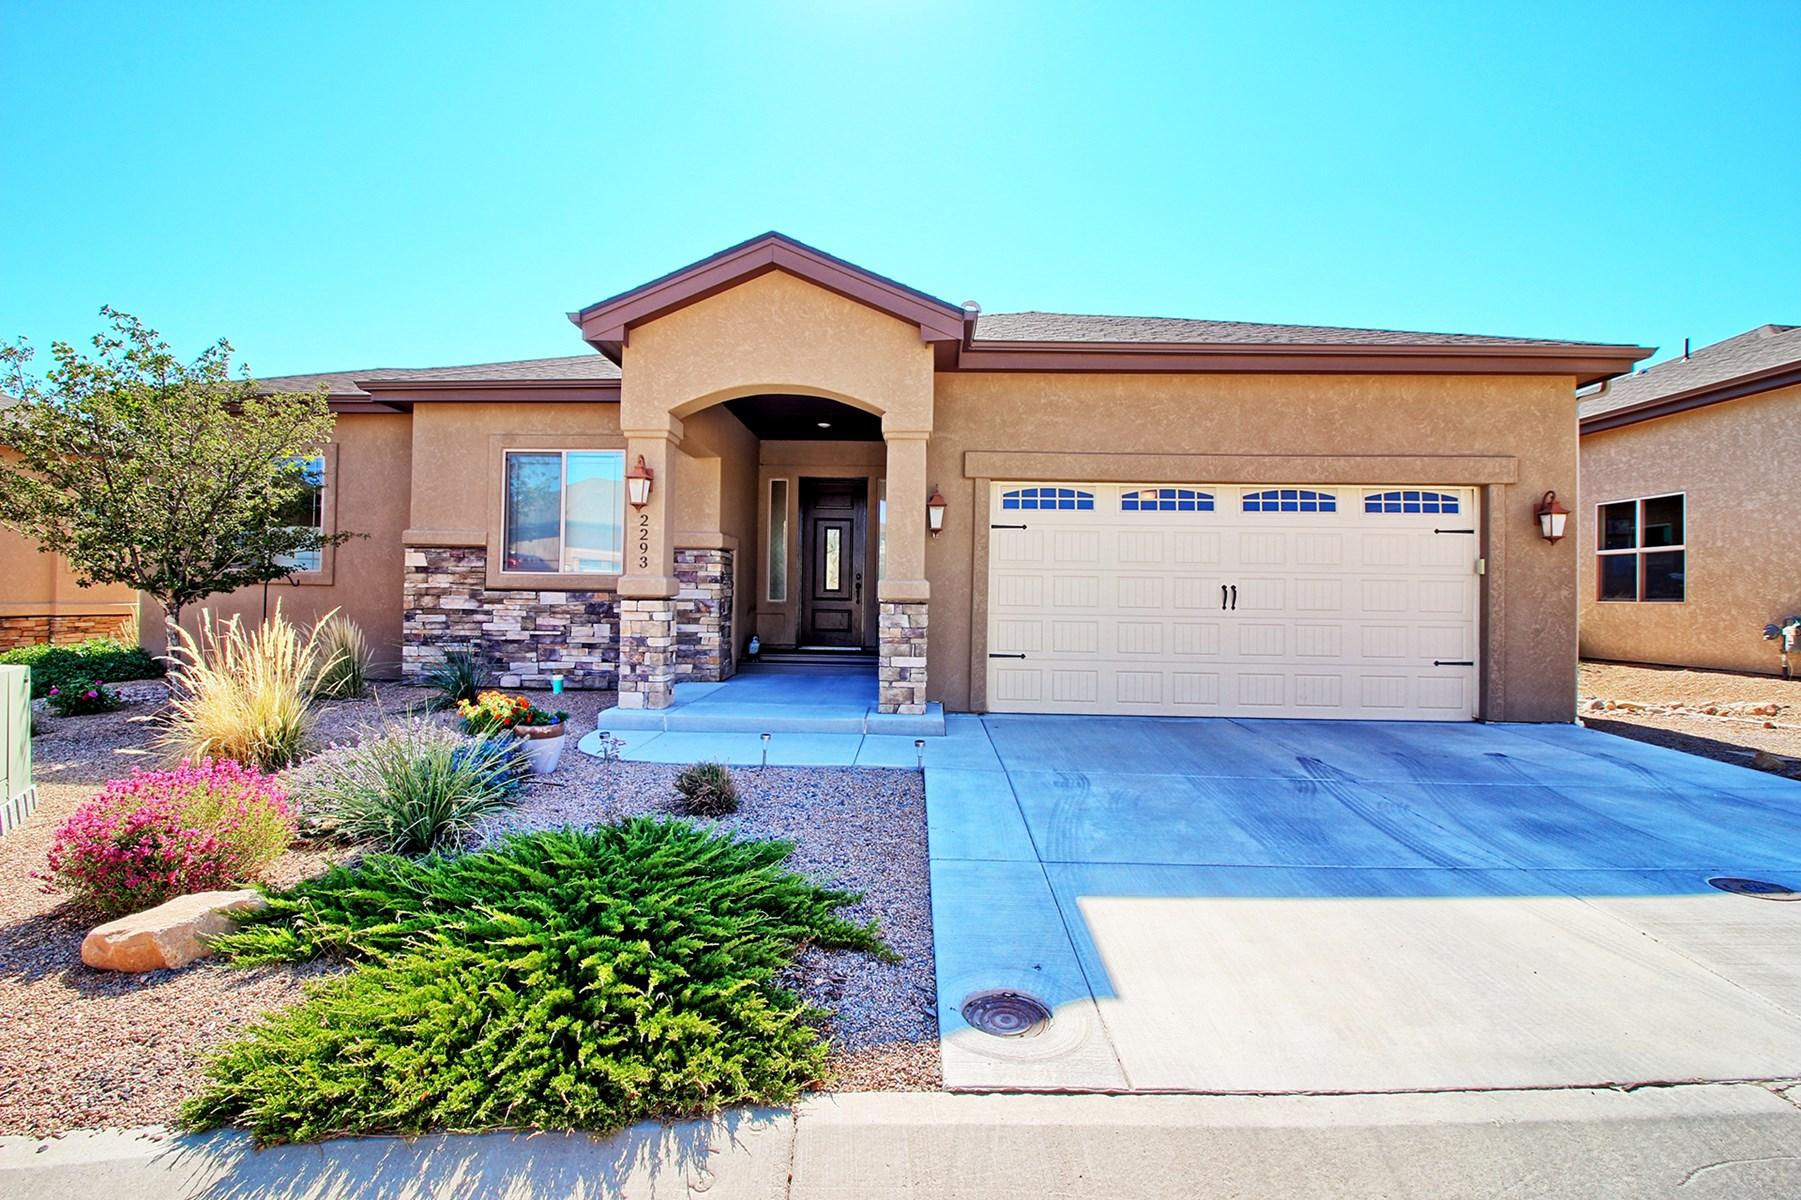 Colorado Home For Sale near Colorado Mountain Recreation